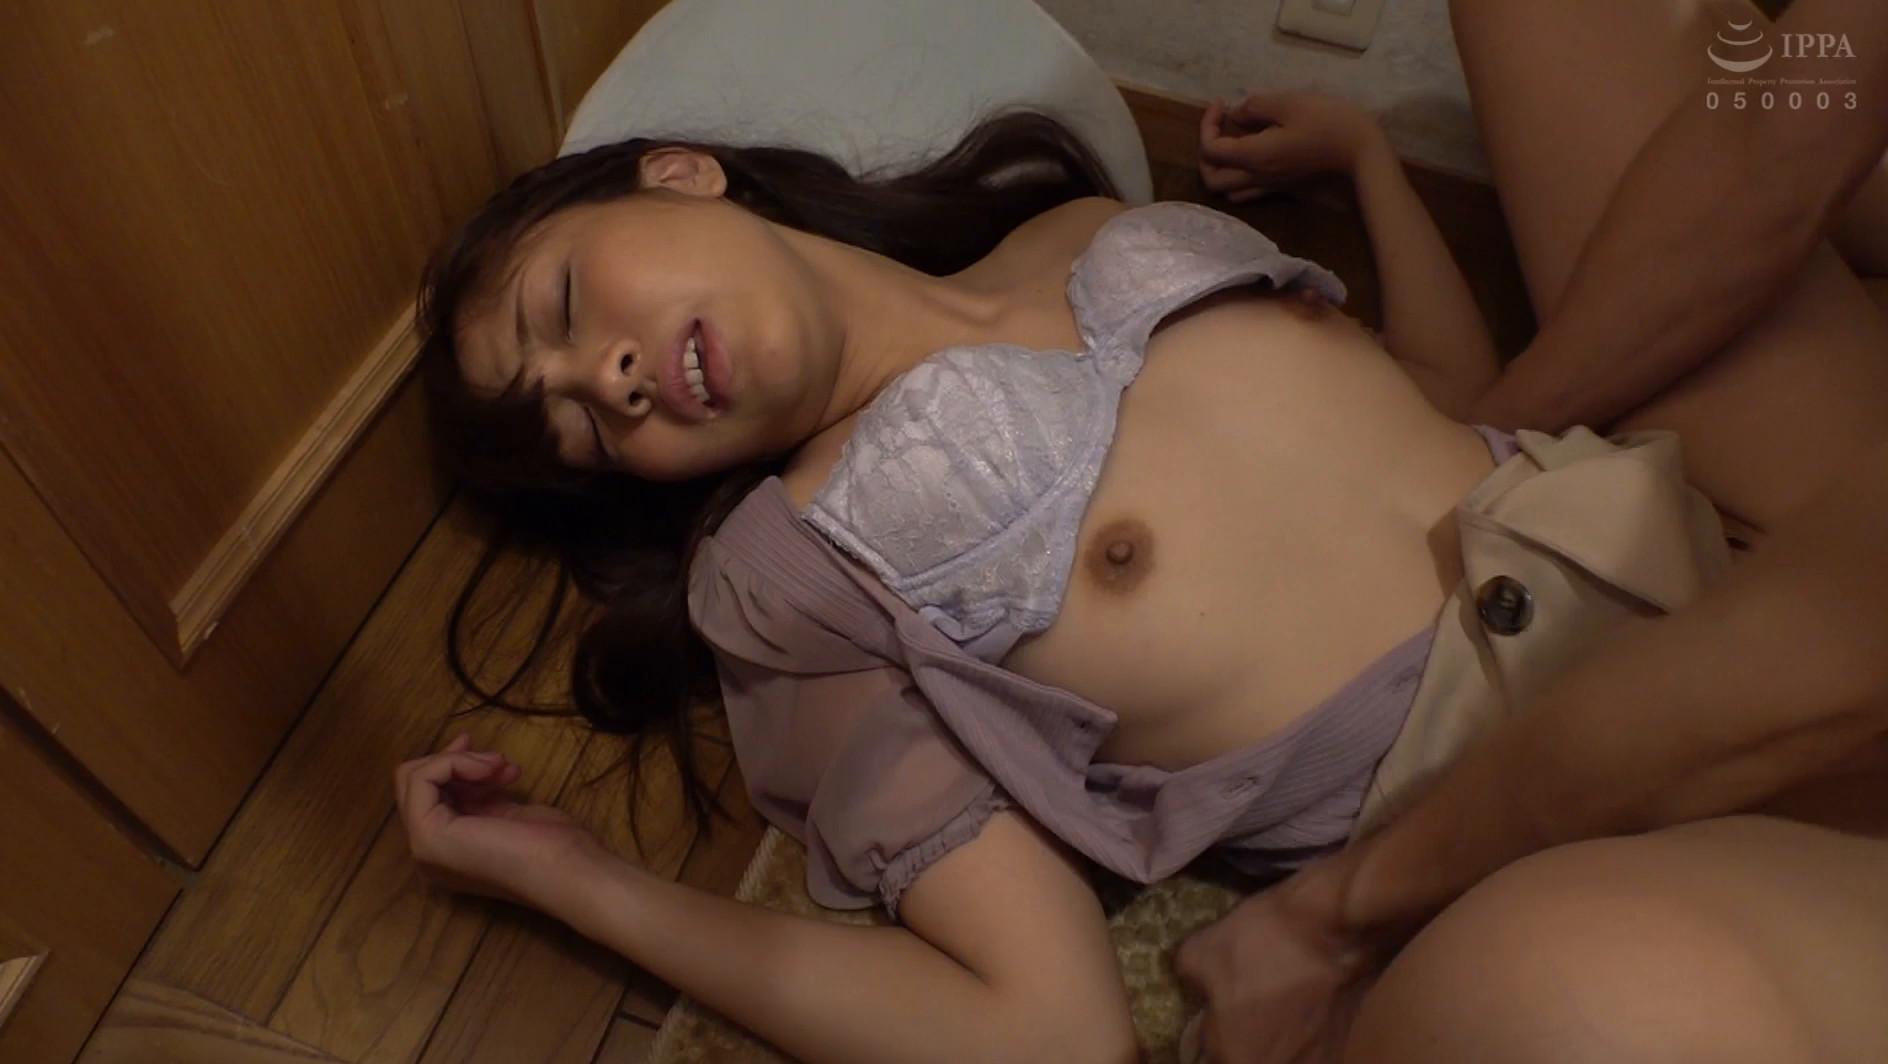 泥酔した先輩を家まで送ったが、玄関で横たわって寝ているエロい姿に耐え切れずそのままチ●ポをぶち込む中出し玄関SEX!! 画像13